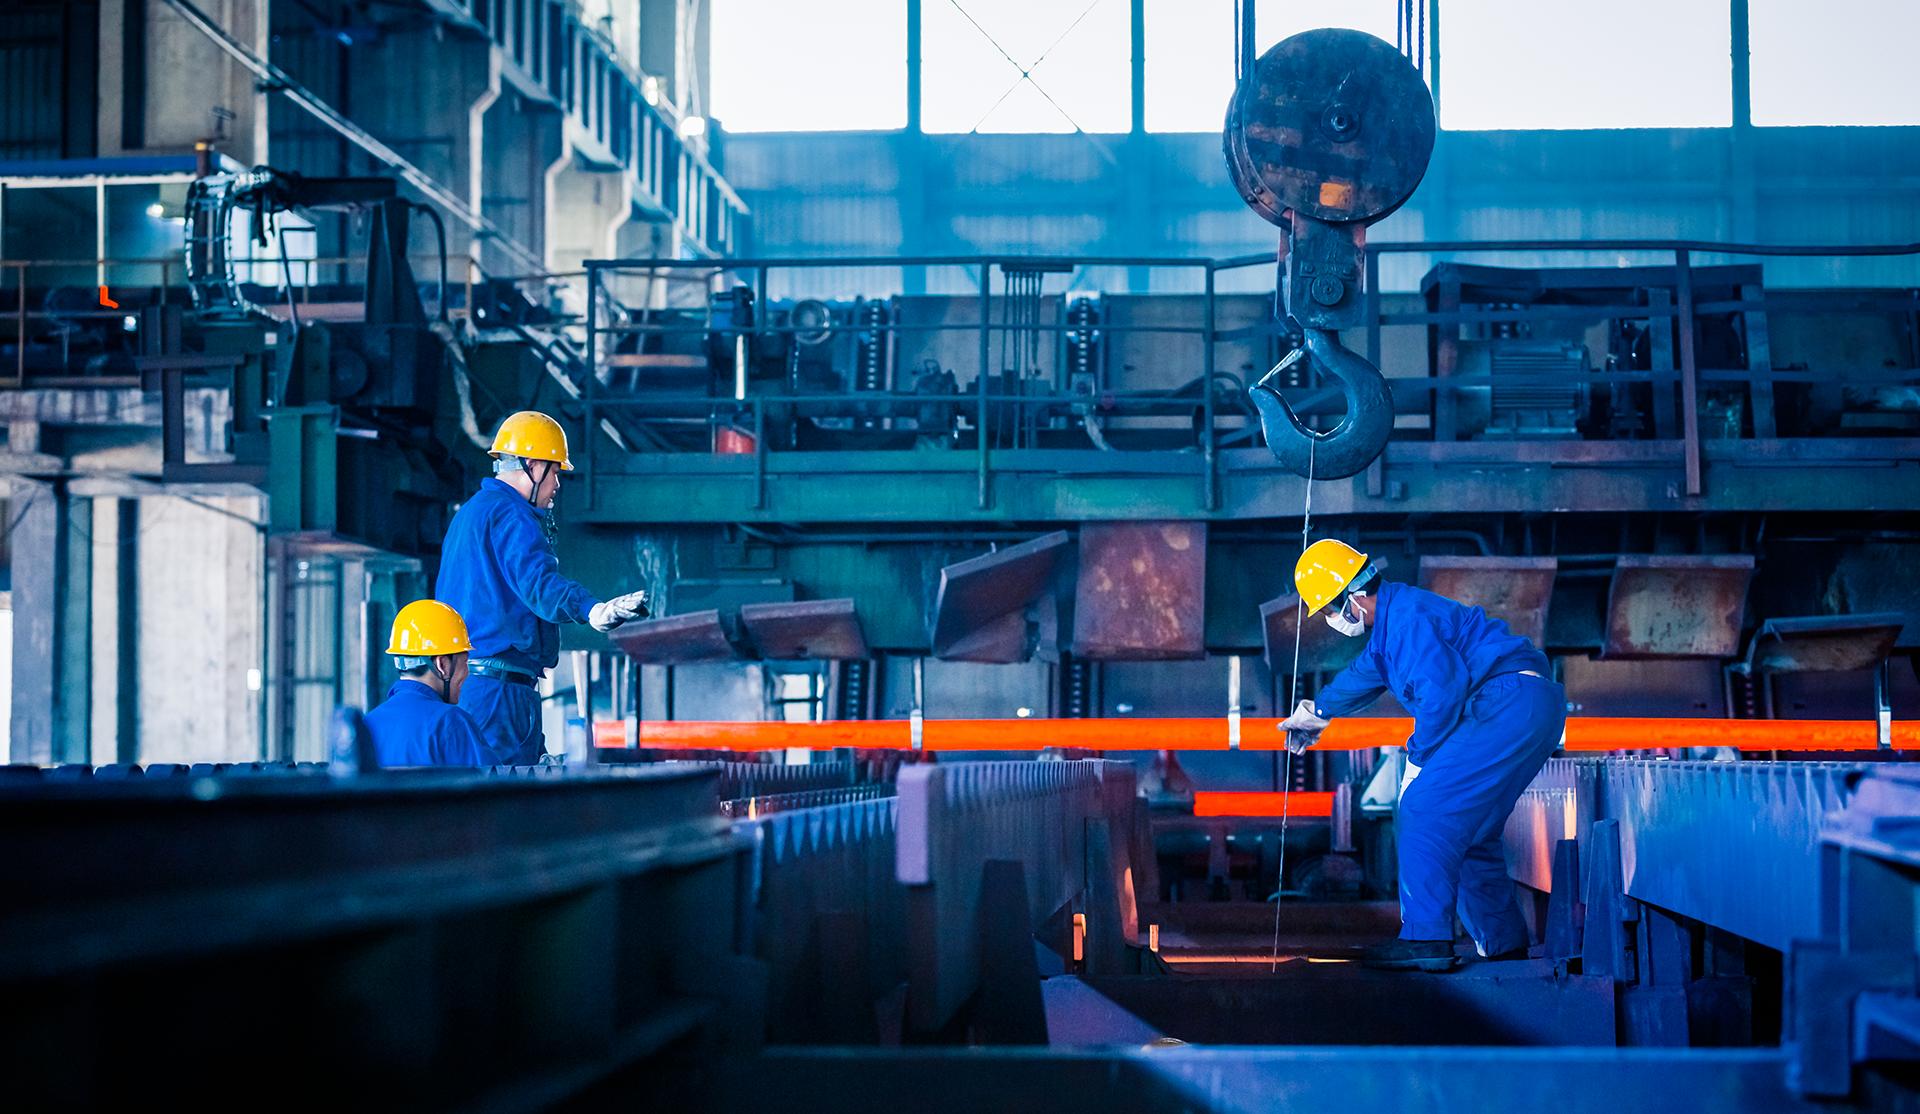 industria metal trabajadores